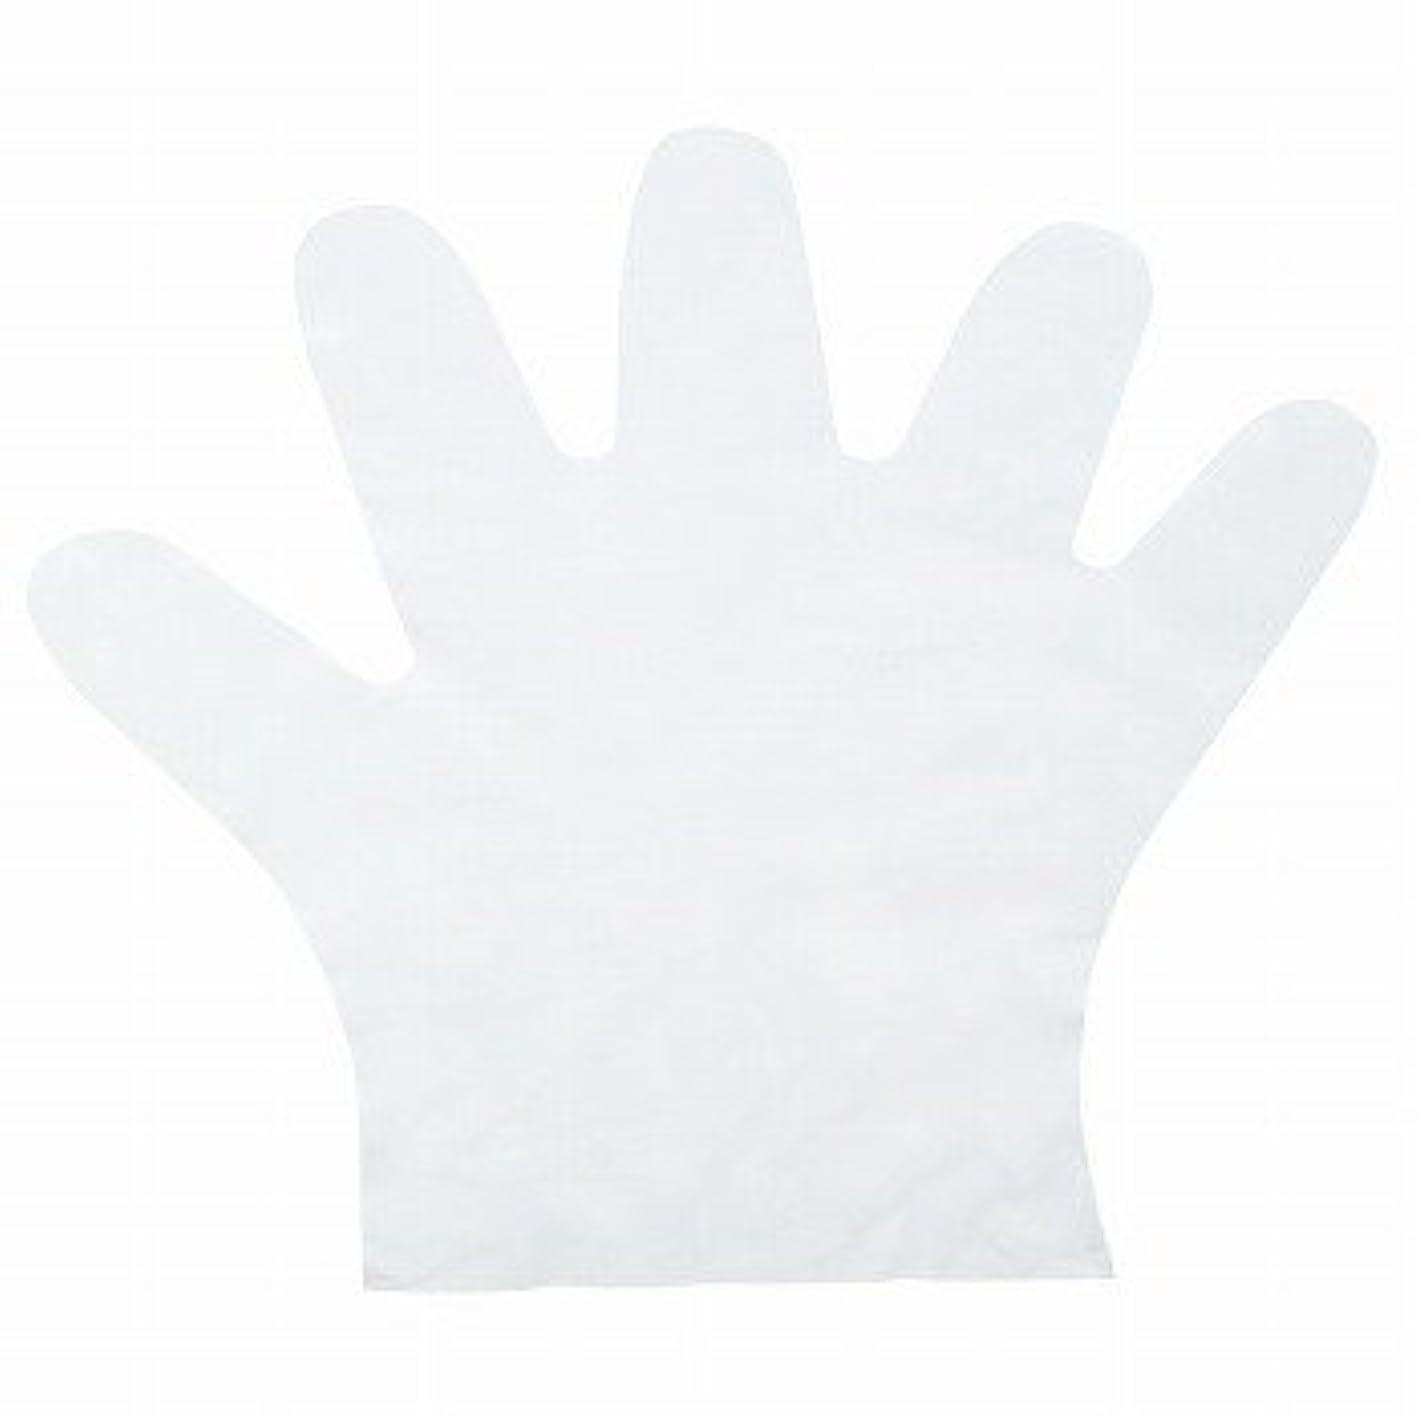 見える公平ノートおたふく手袋/ポリエチディスポ(LD) [100枚入]/品番:248 サイズ:M